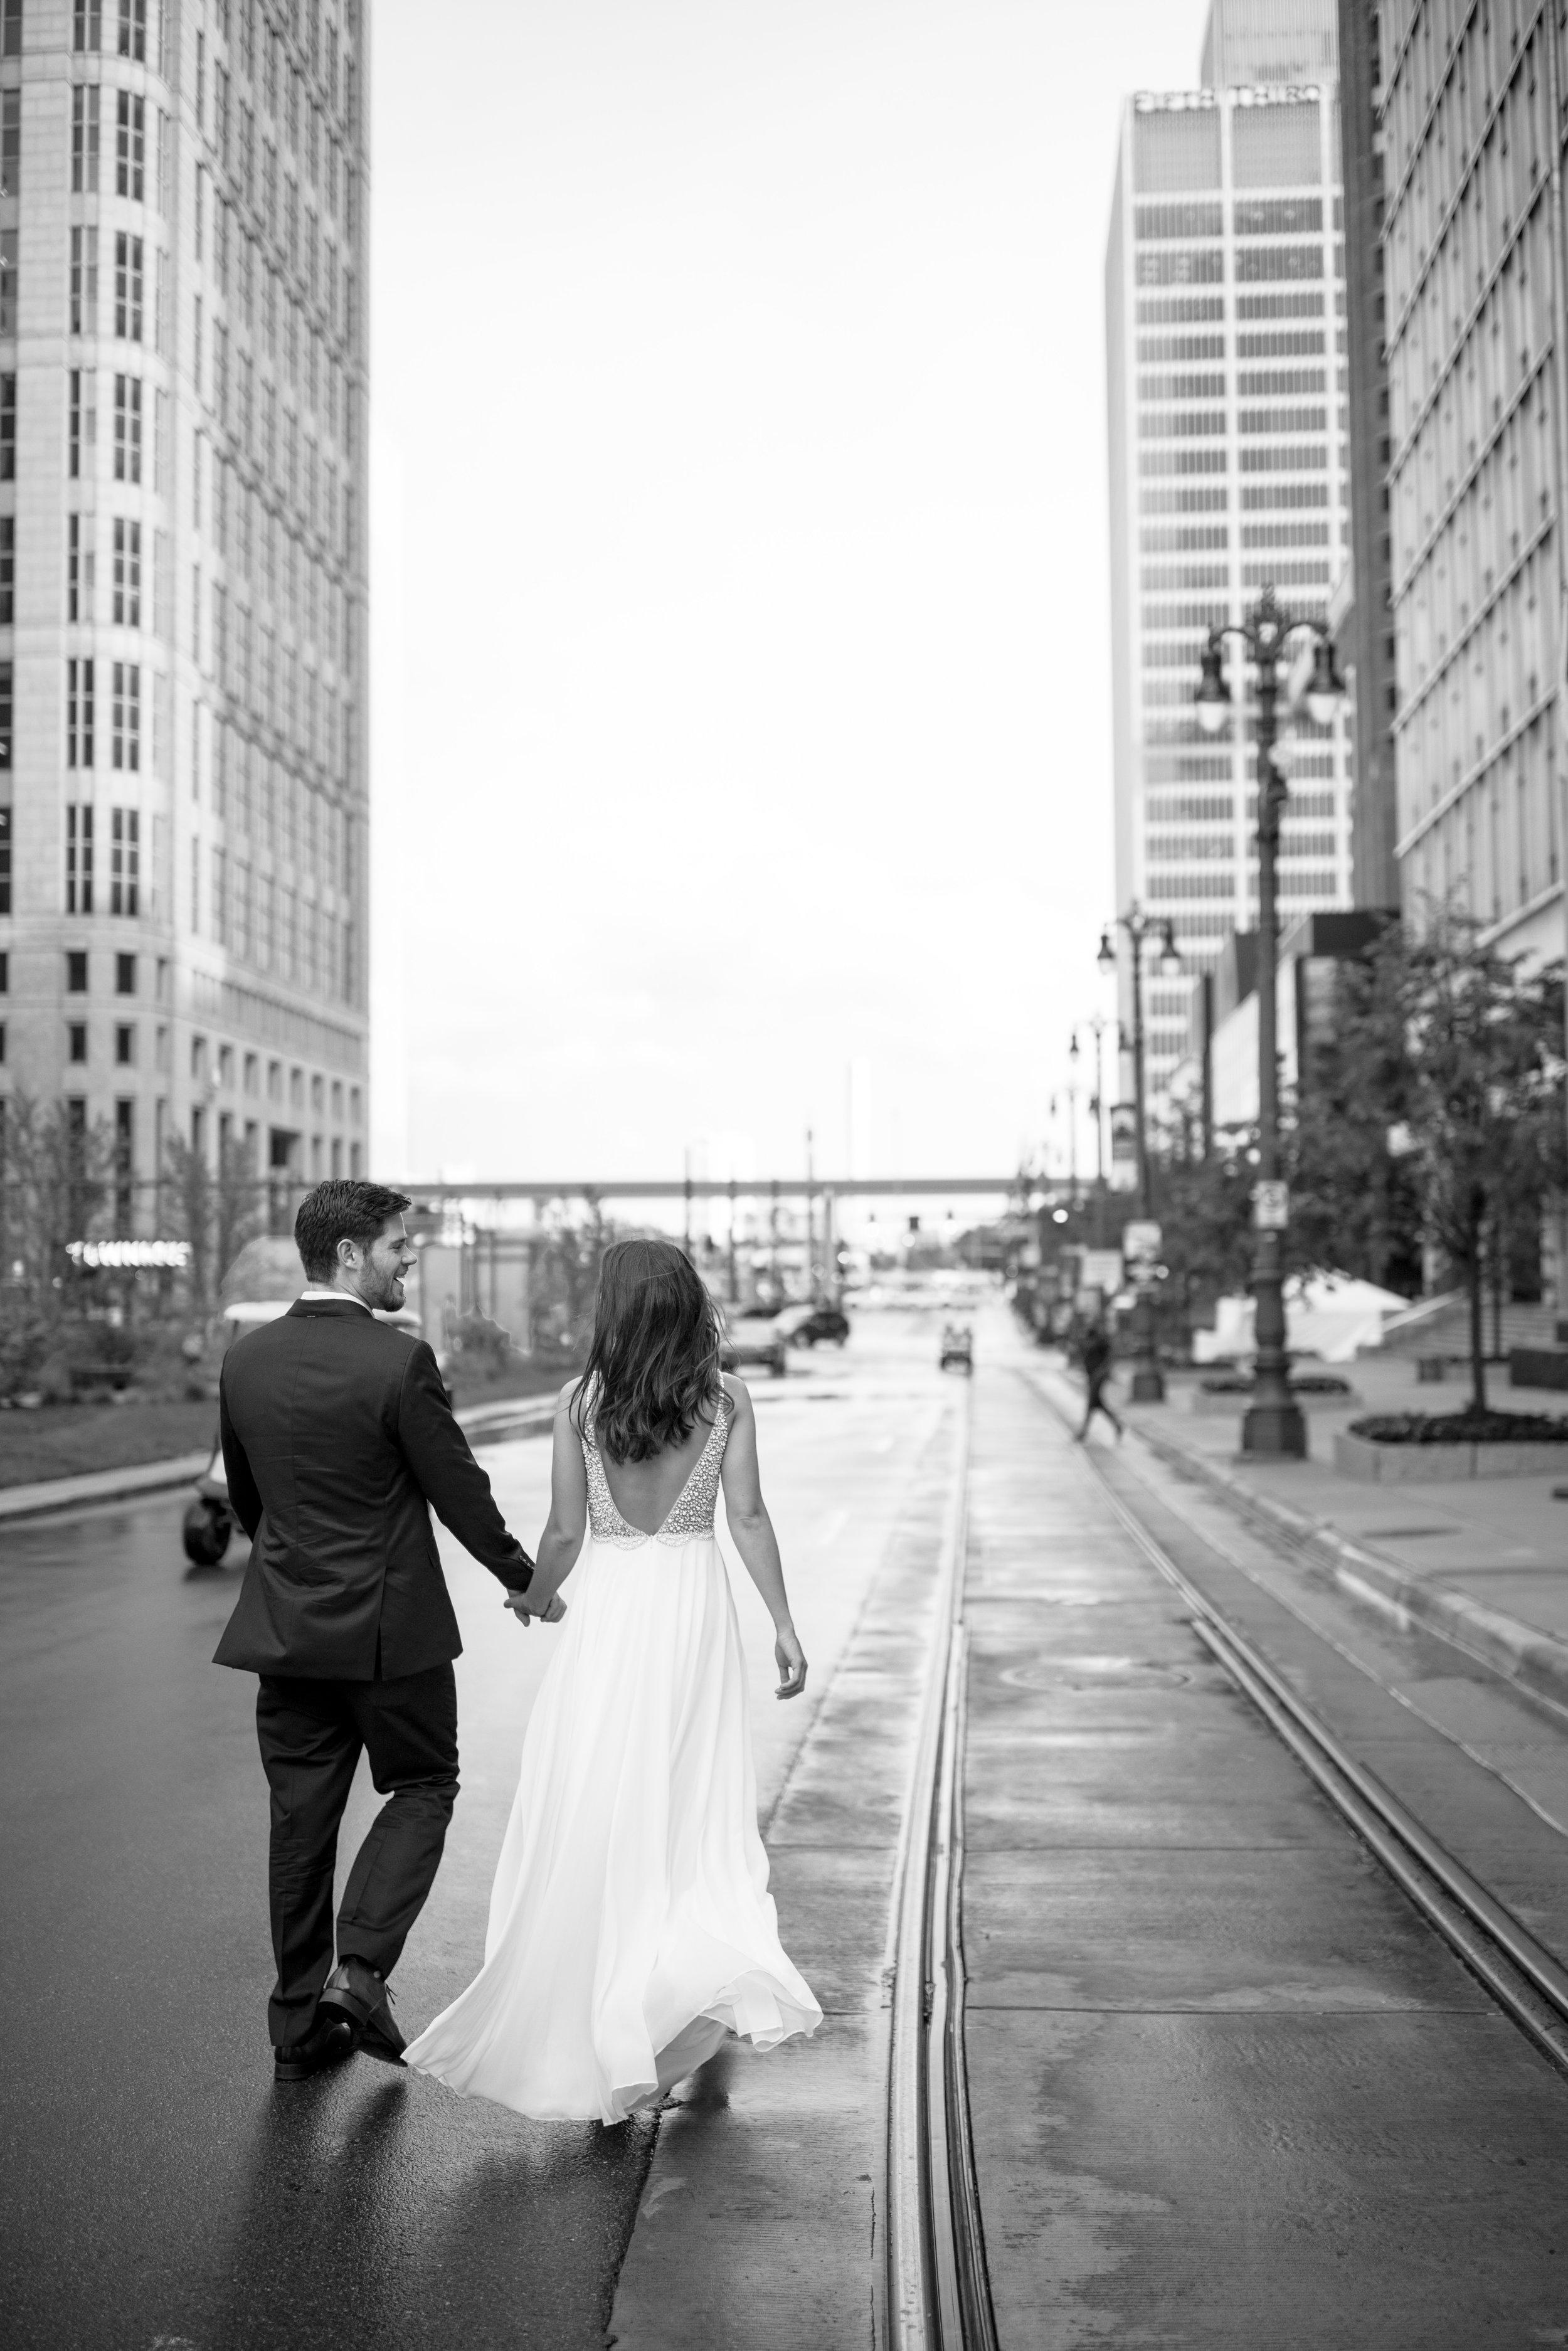 shareyah_John_detroit_wedding_preview_001.JPG